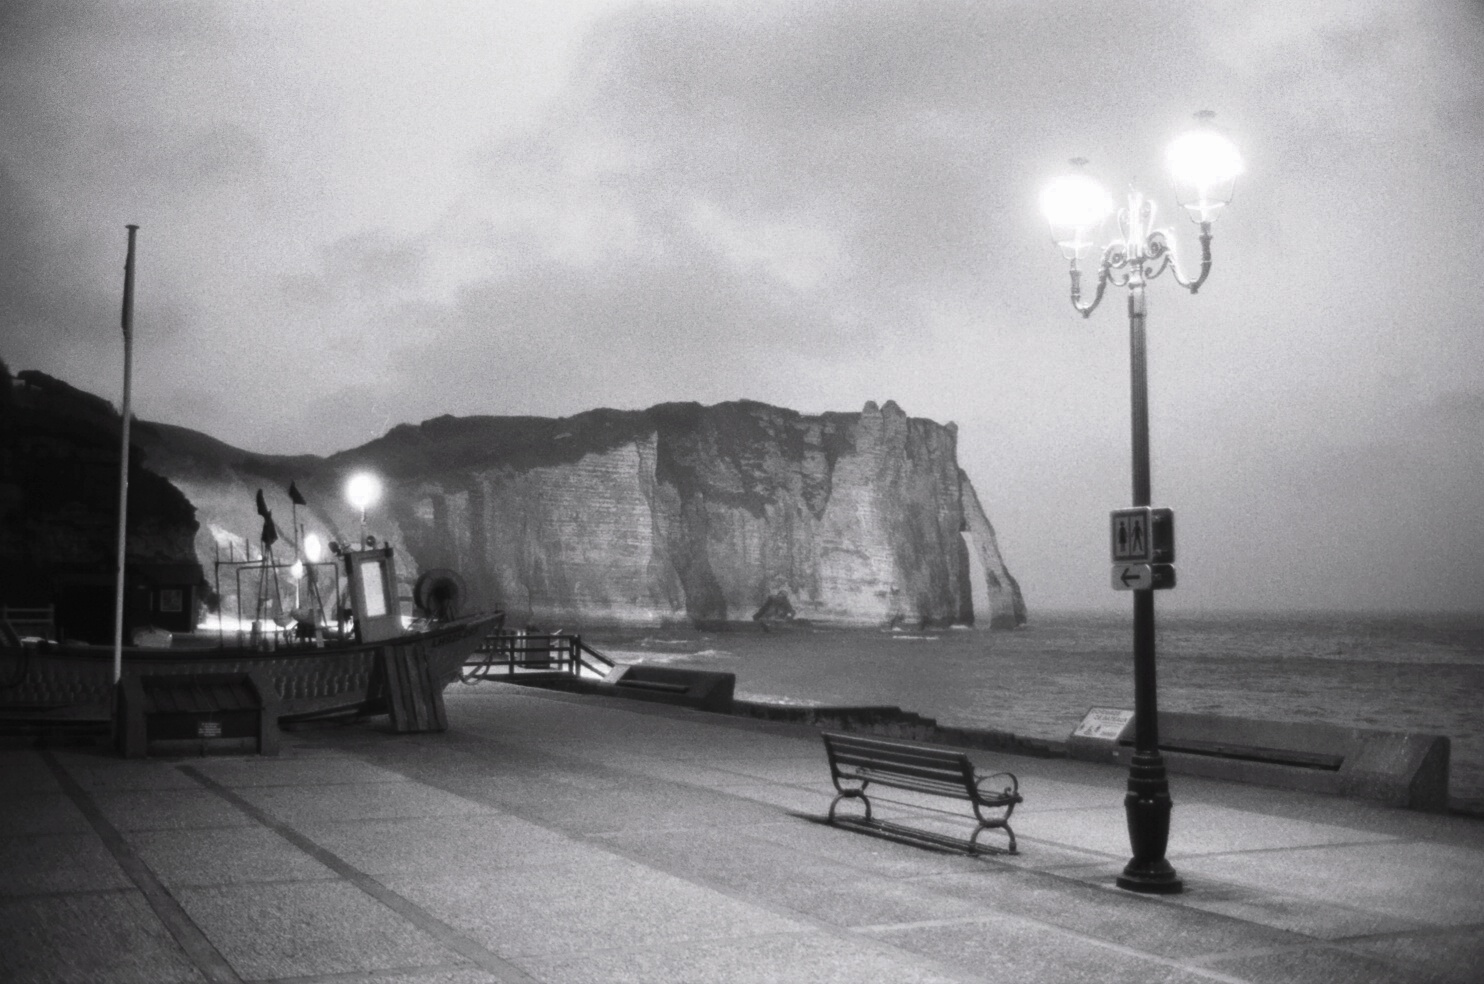 La nuit s'empare des falaises d'Etretat